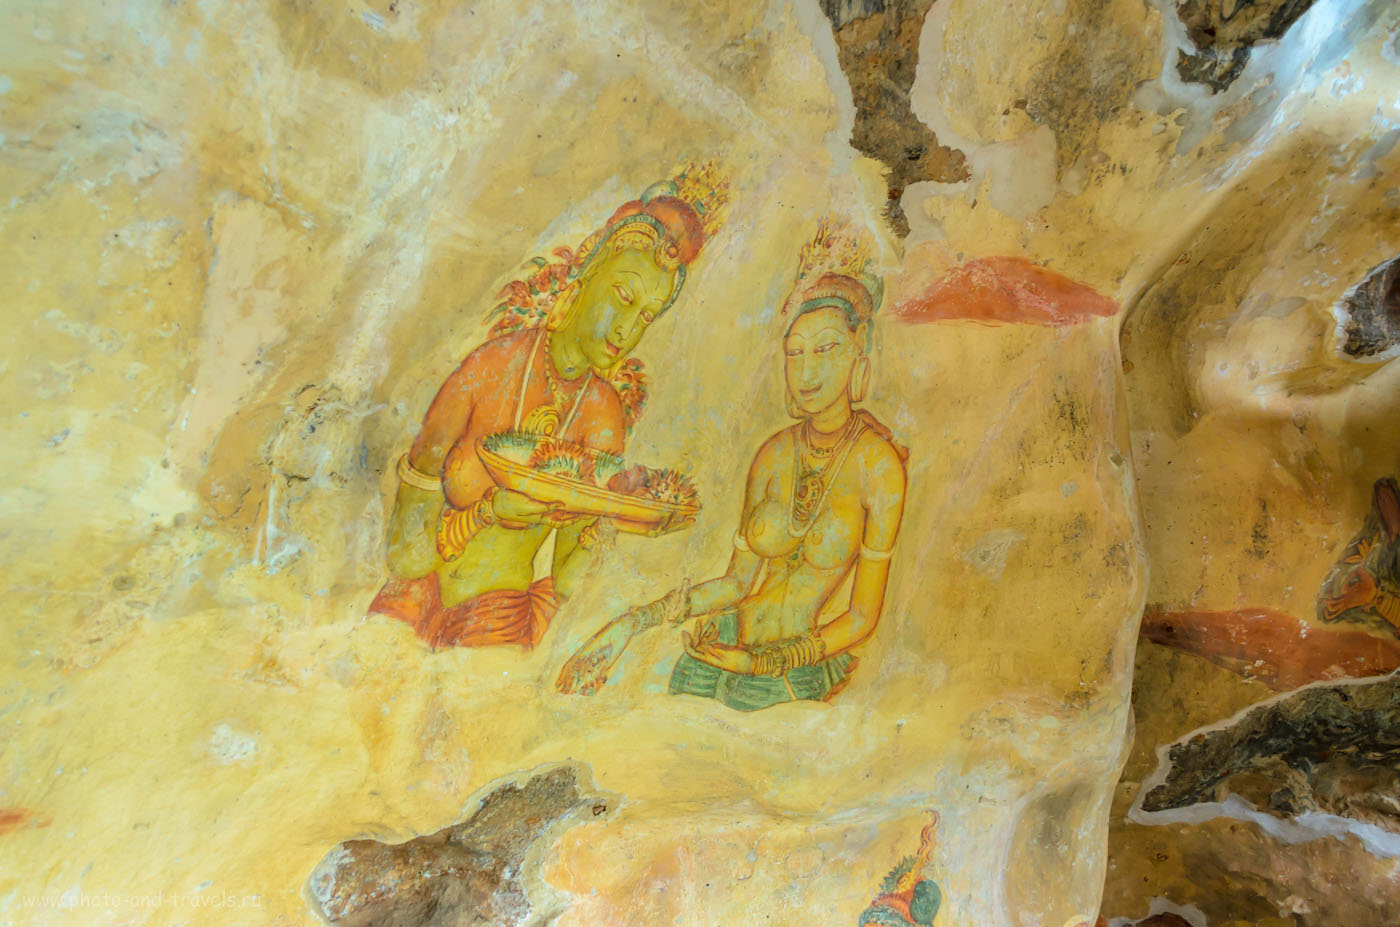 Фотография 8. Фрески с изображением нимф на стенах Сигирии. Отзывы туристов о путешествии по Шри-Ланке на авто. 1/60, 5.0, 640, 18.